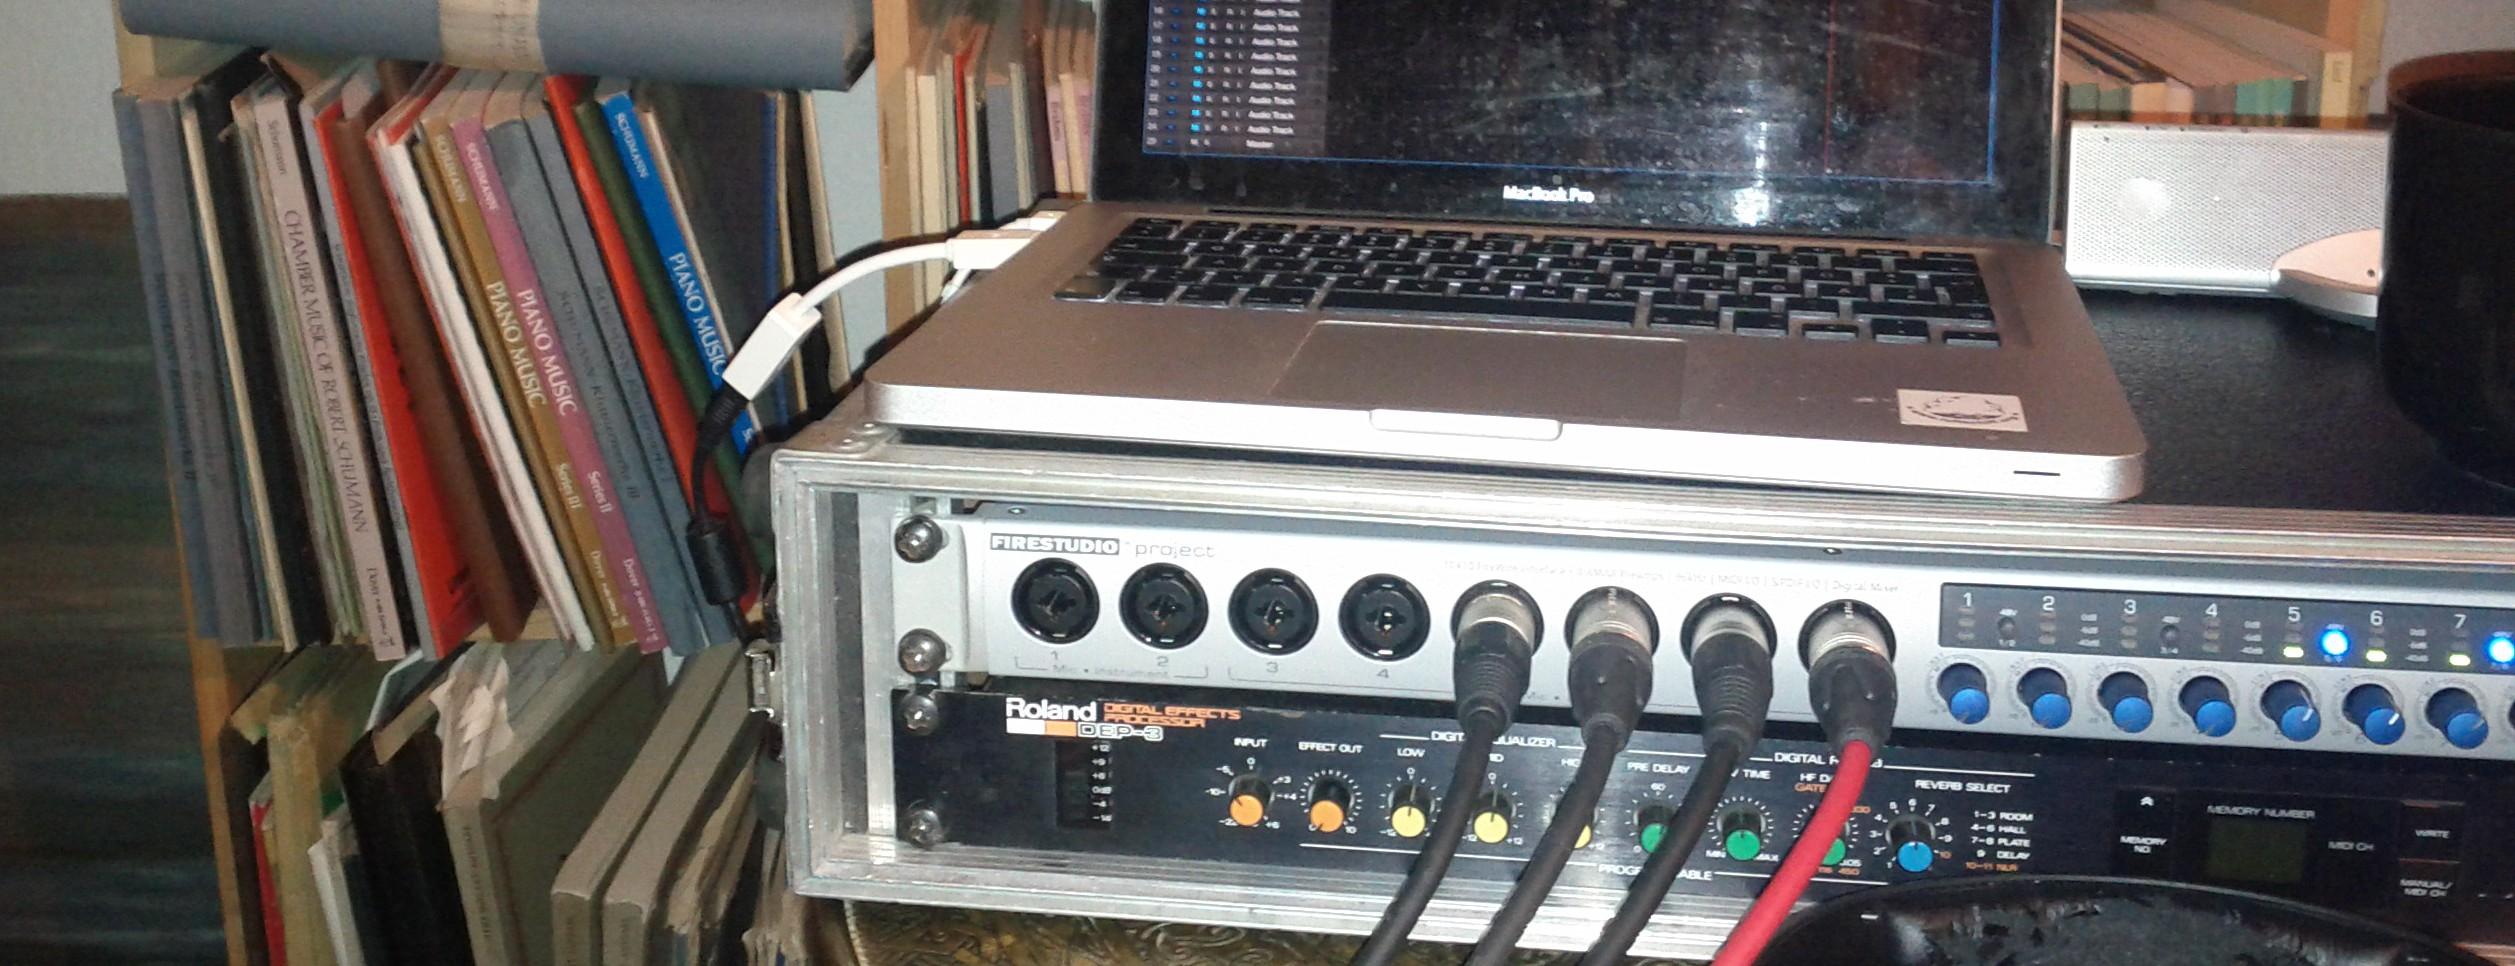 Audioprodultionen